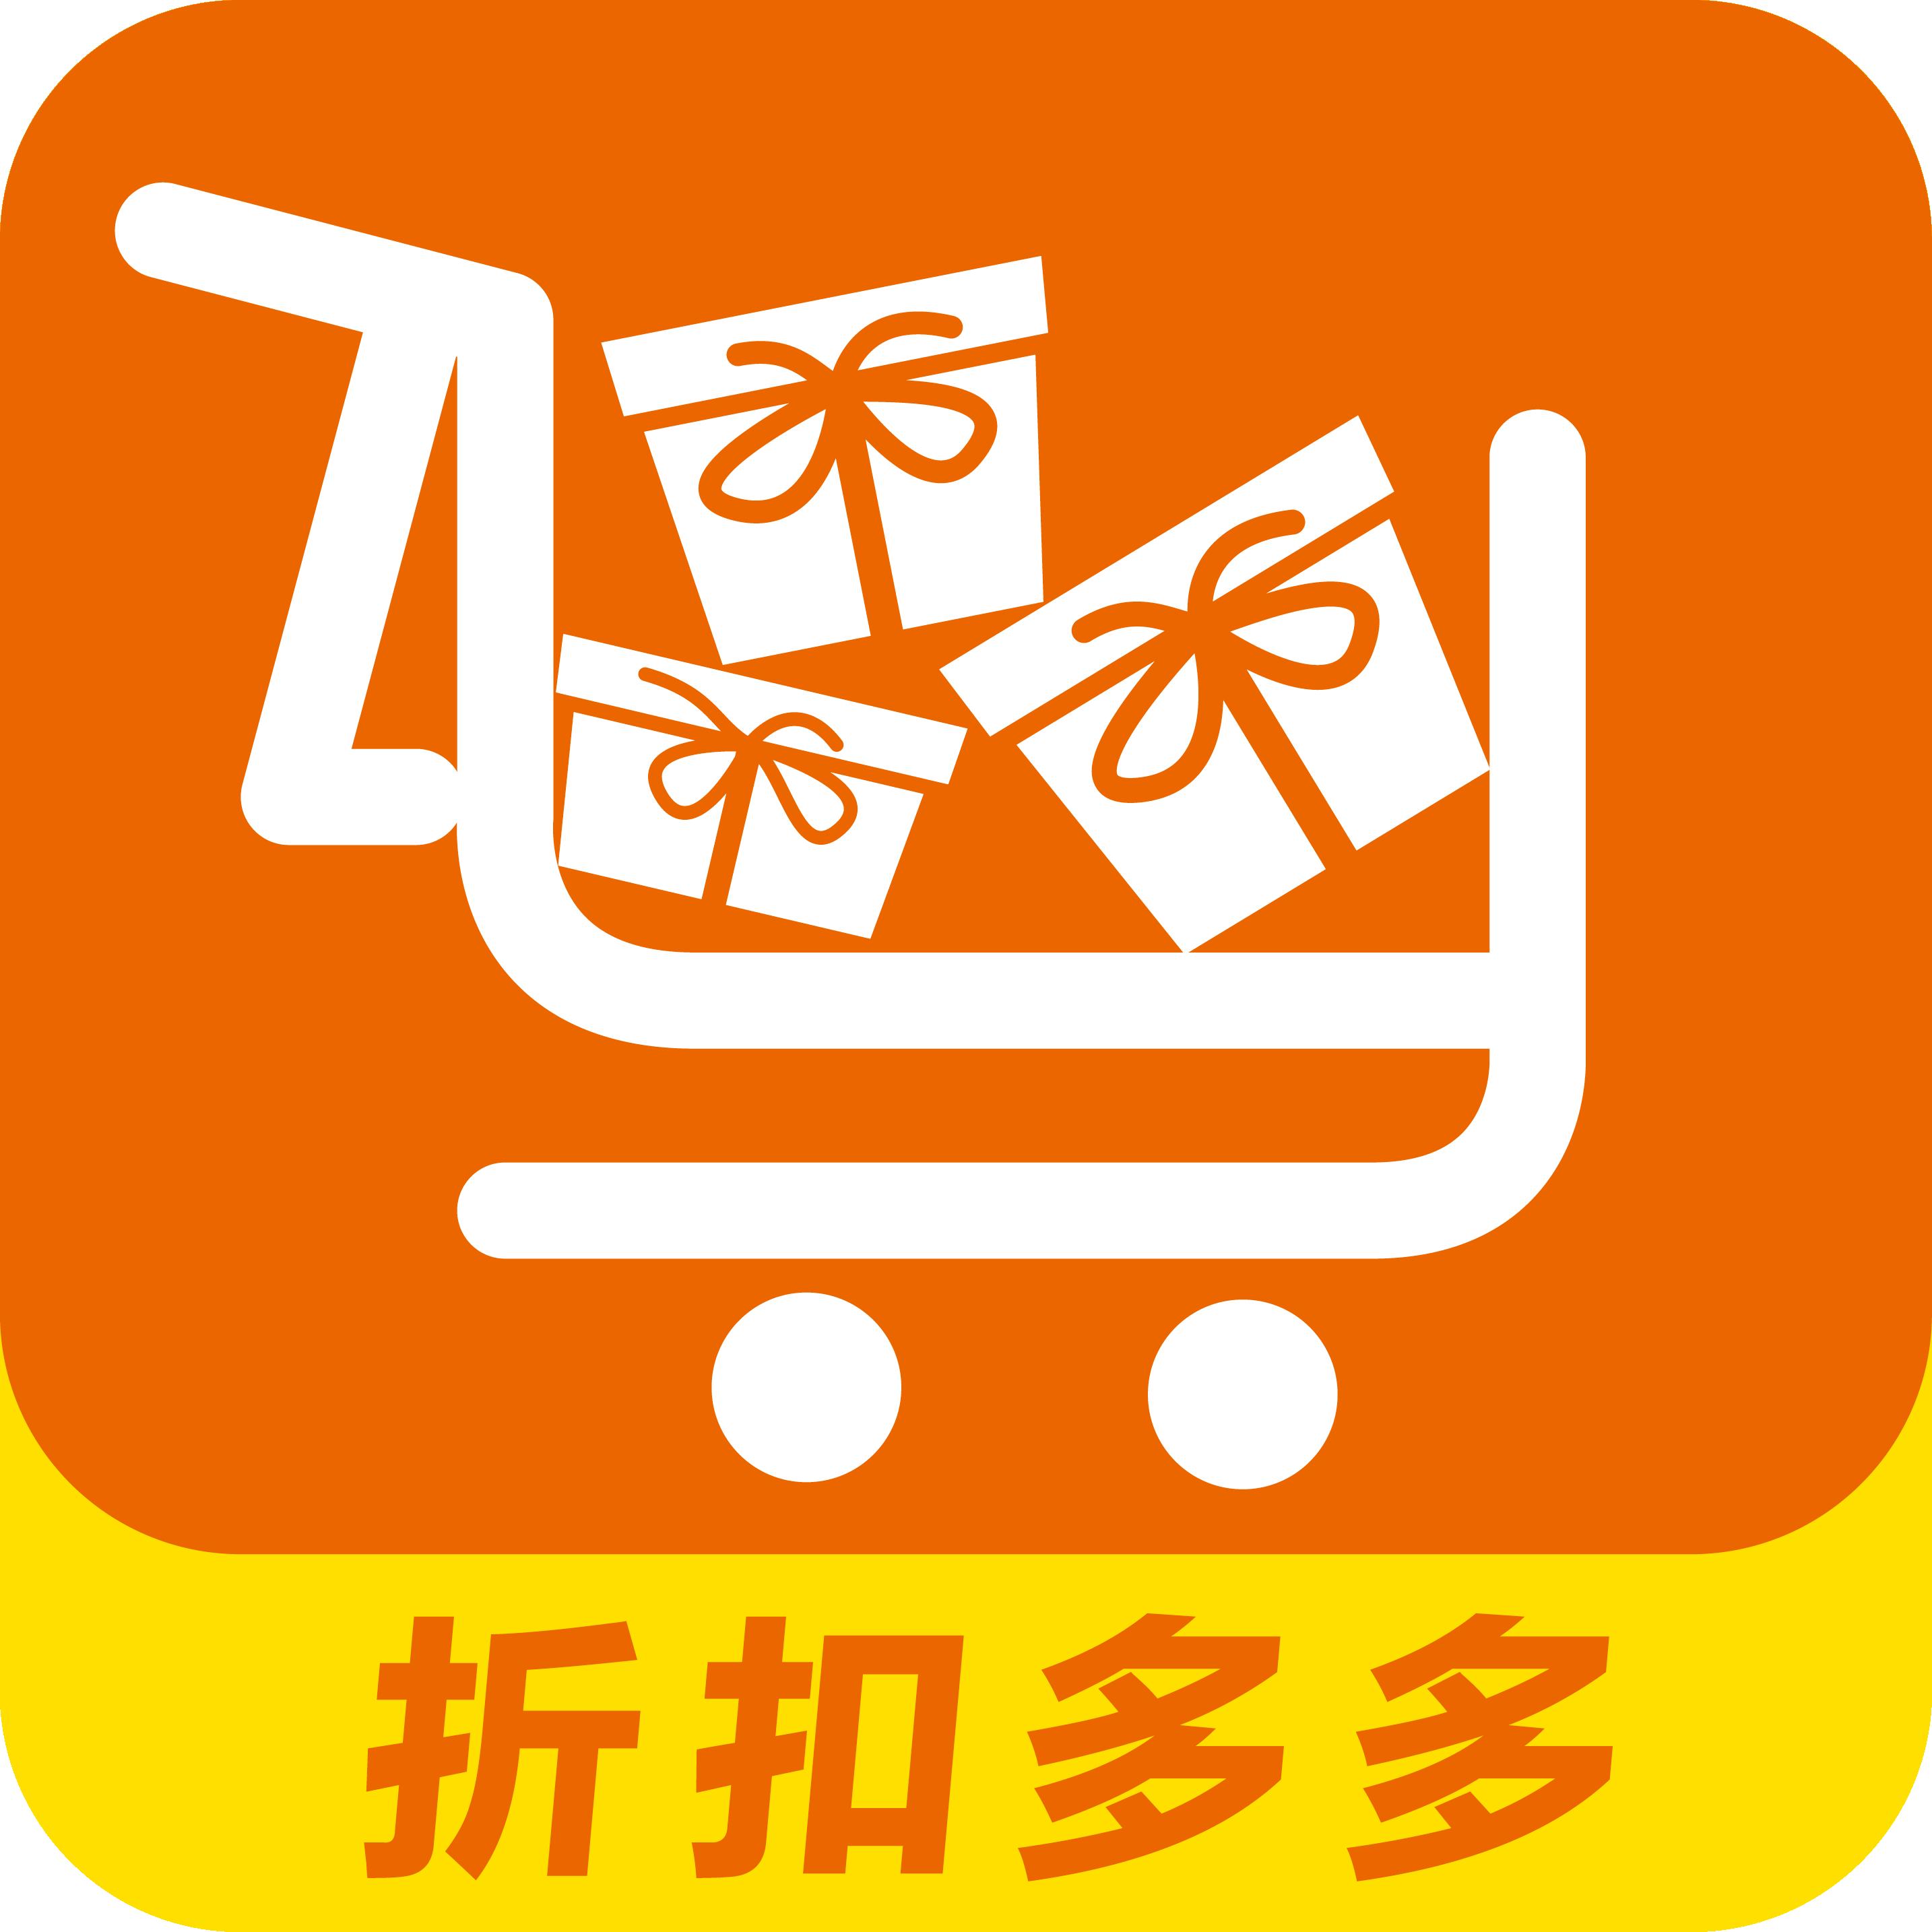 折利佳appv3.0.2 官方版